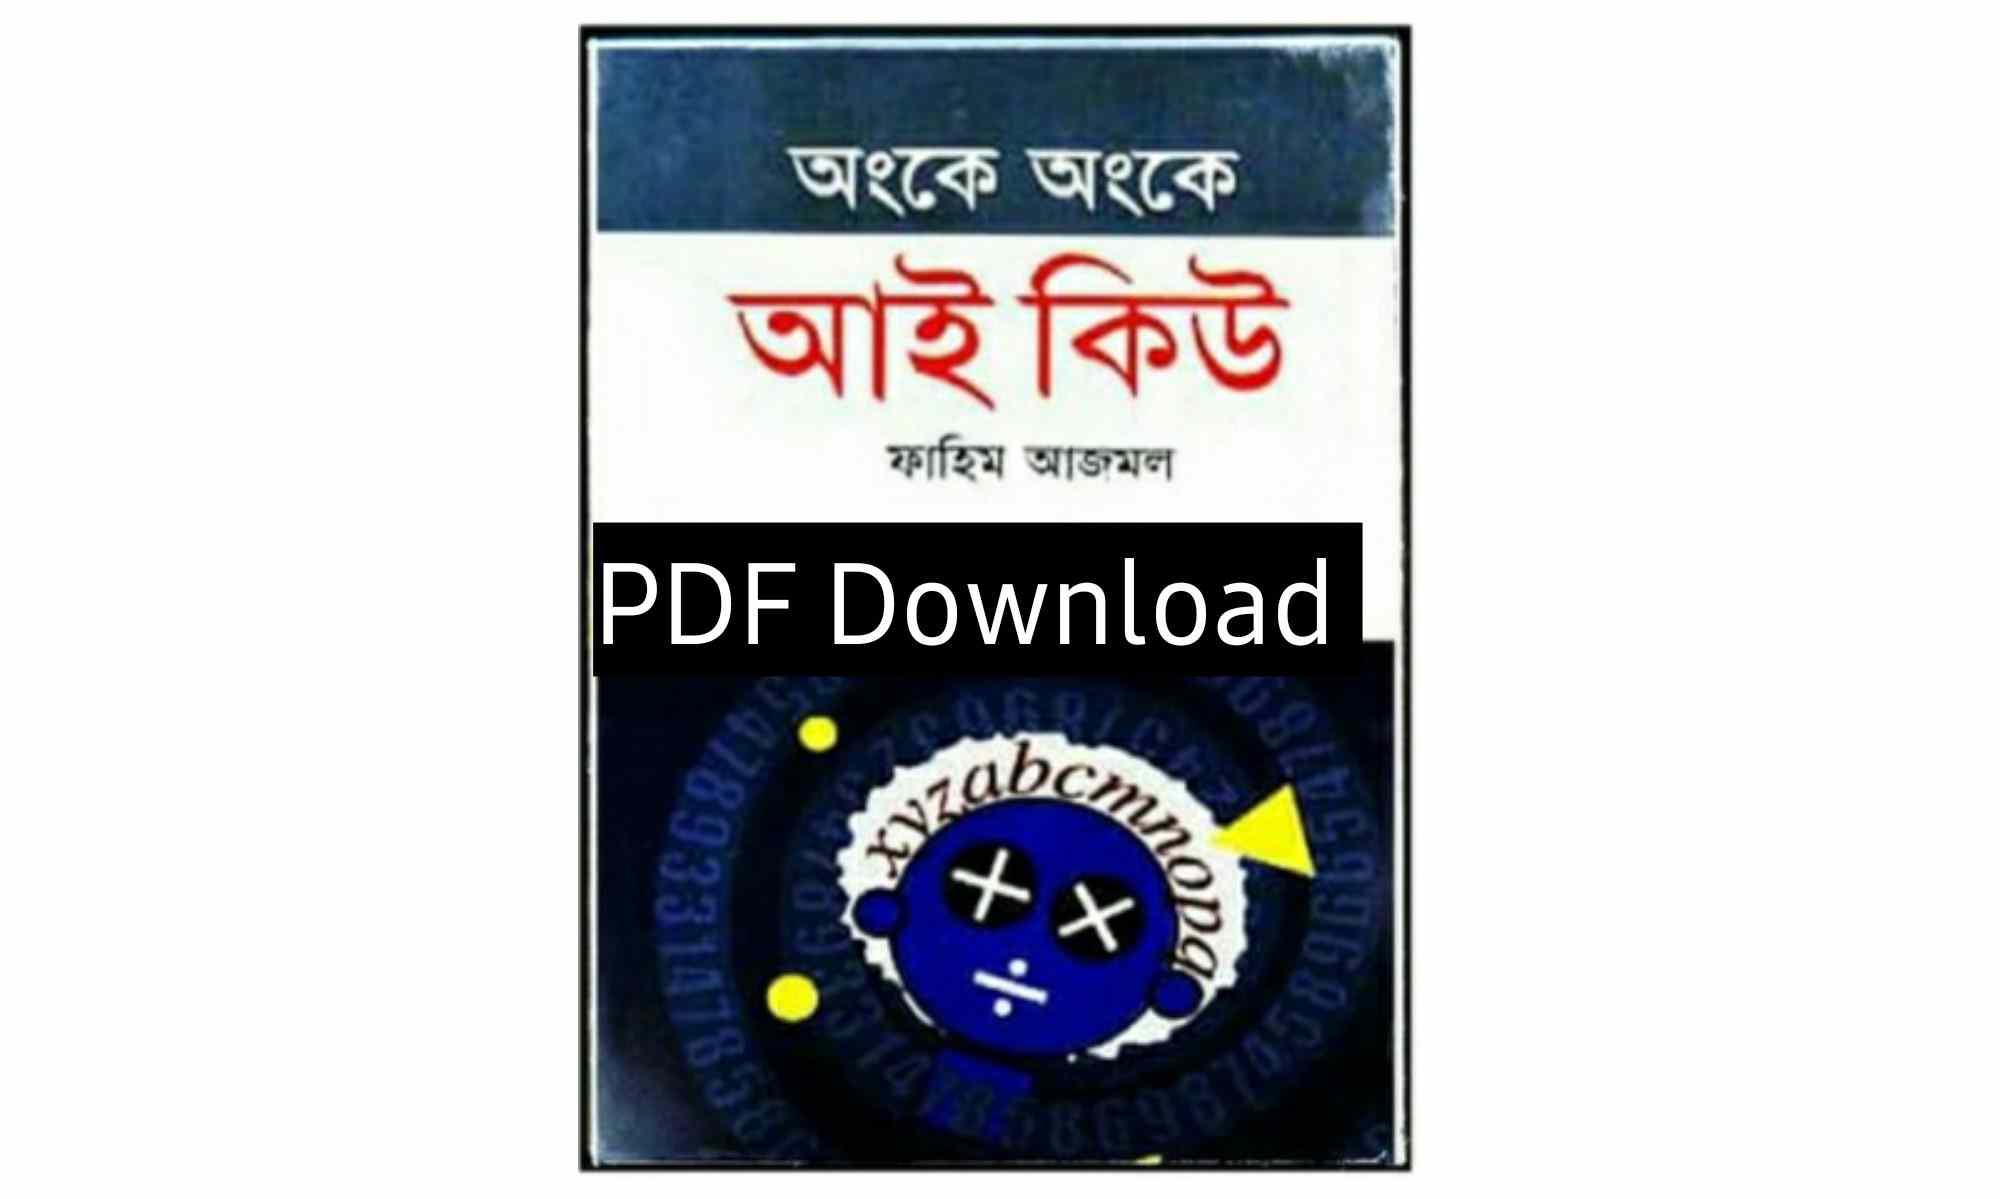 অংকে অংকে আই কিউ- ফাহিম আজমল Pdf download